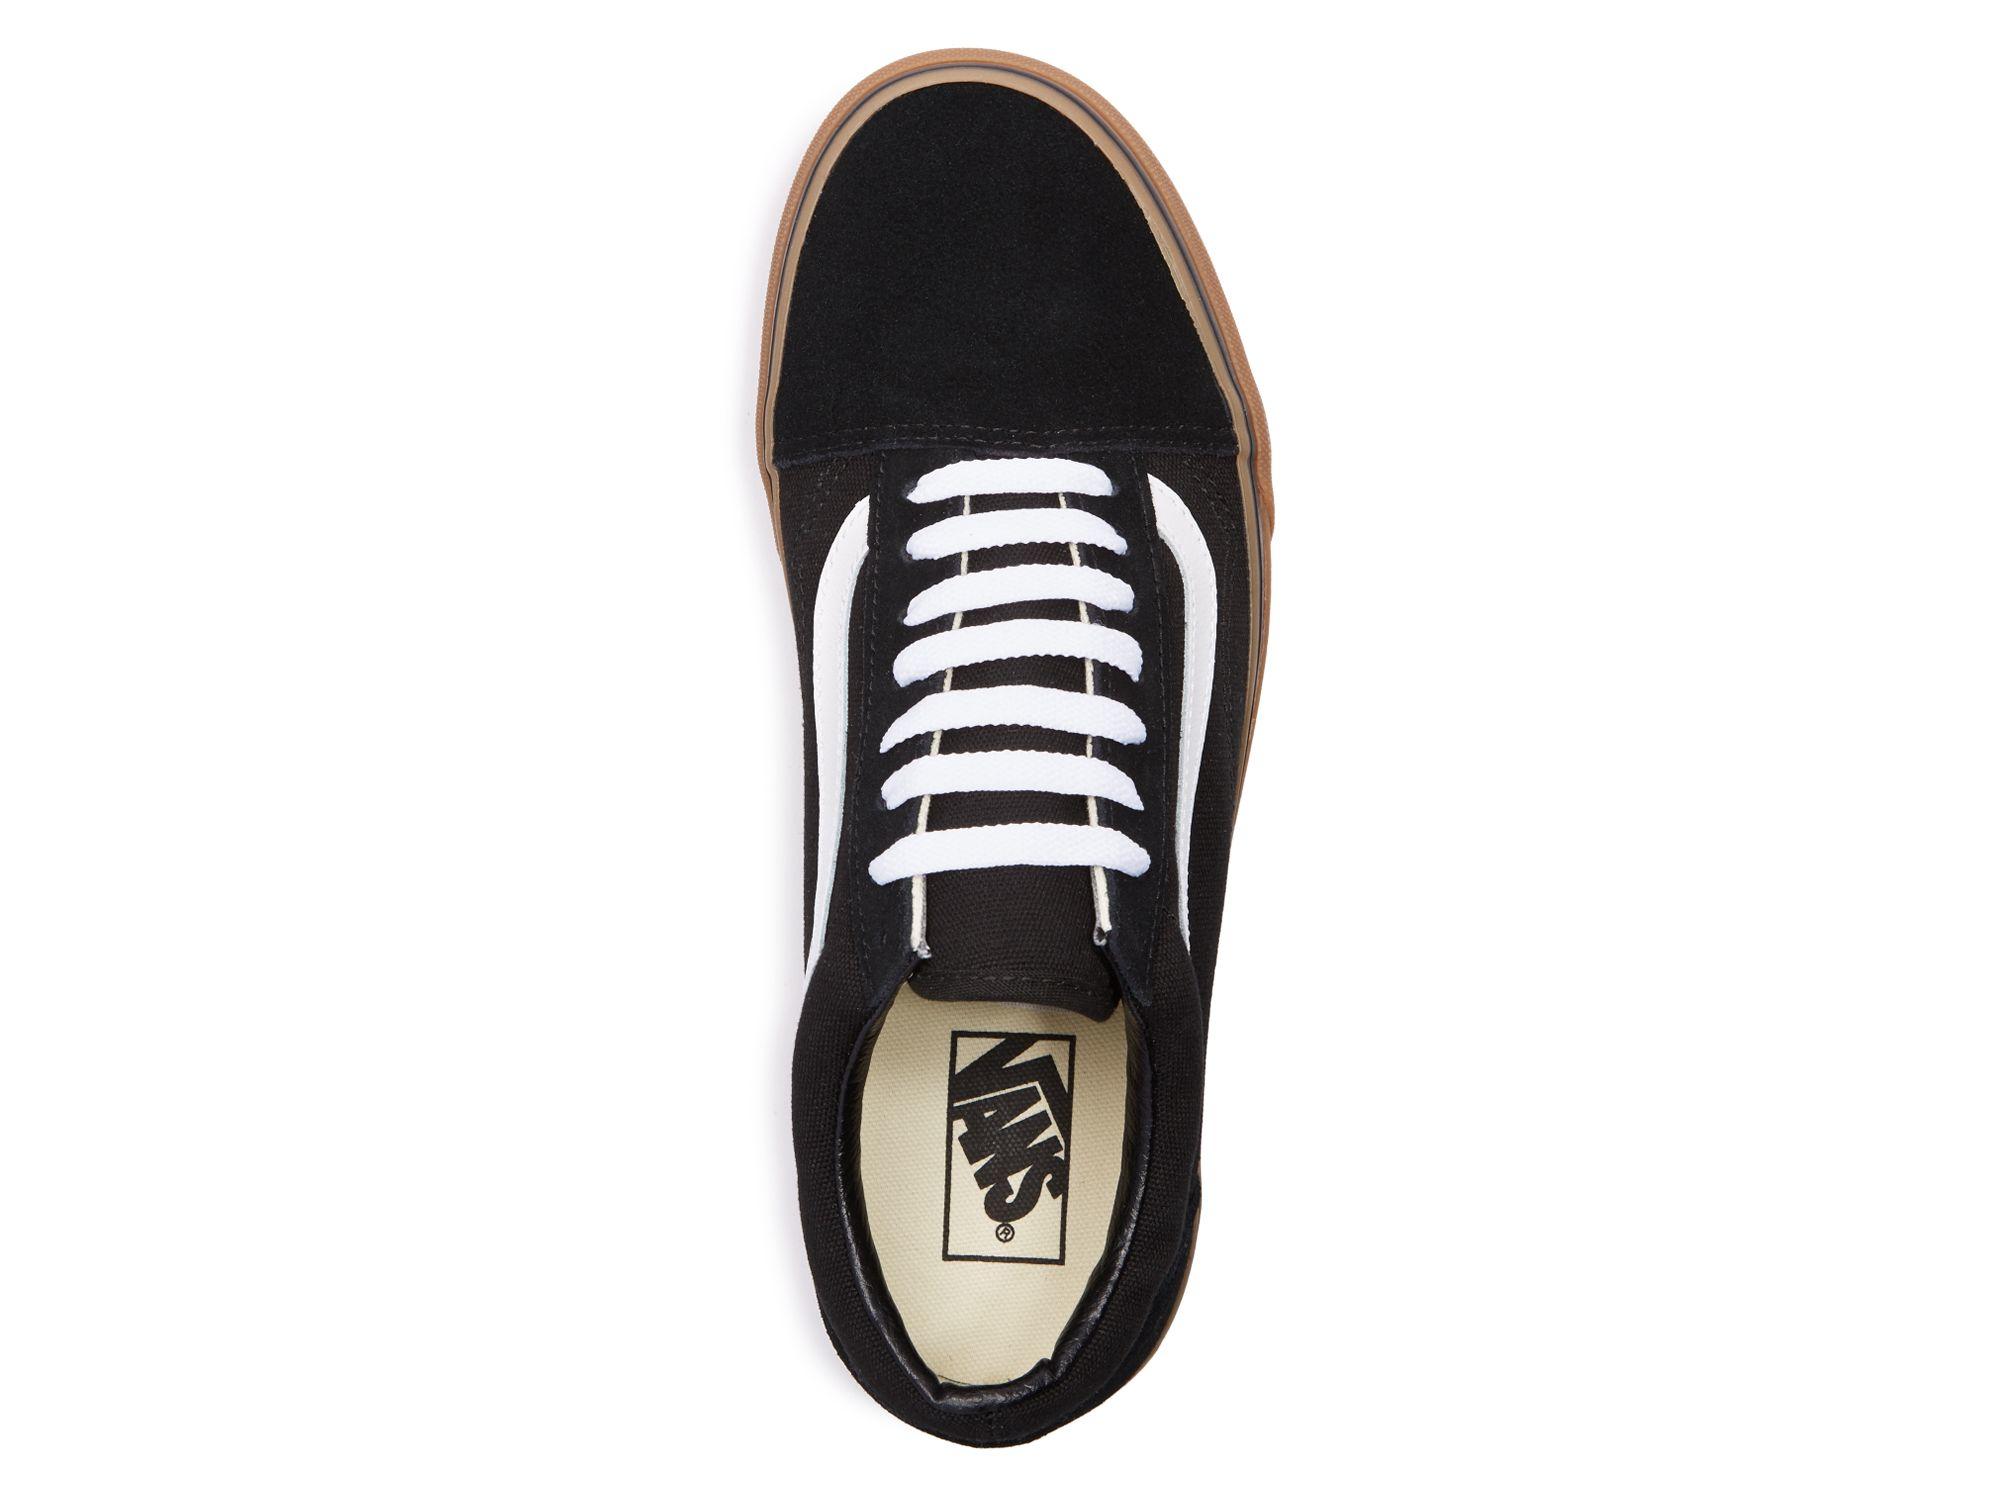 Vans Old Skool Lace Up Sneakers in